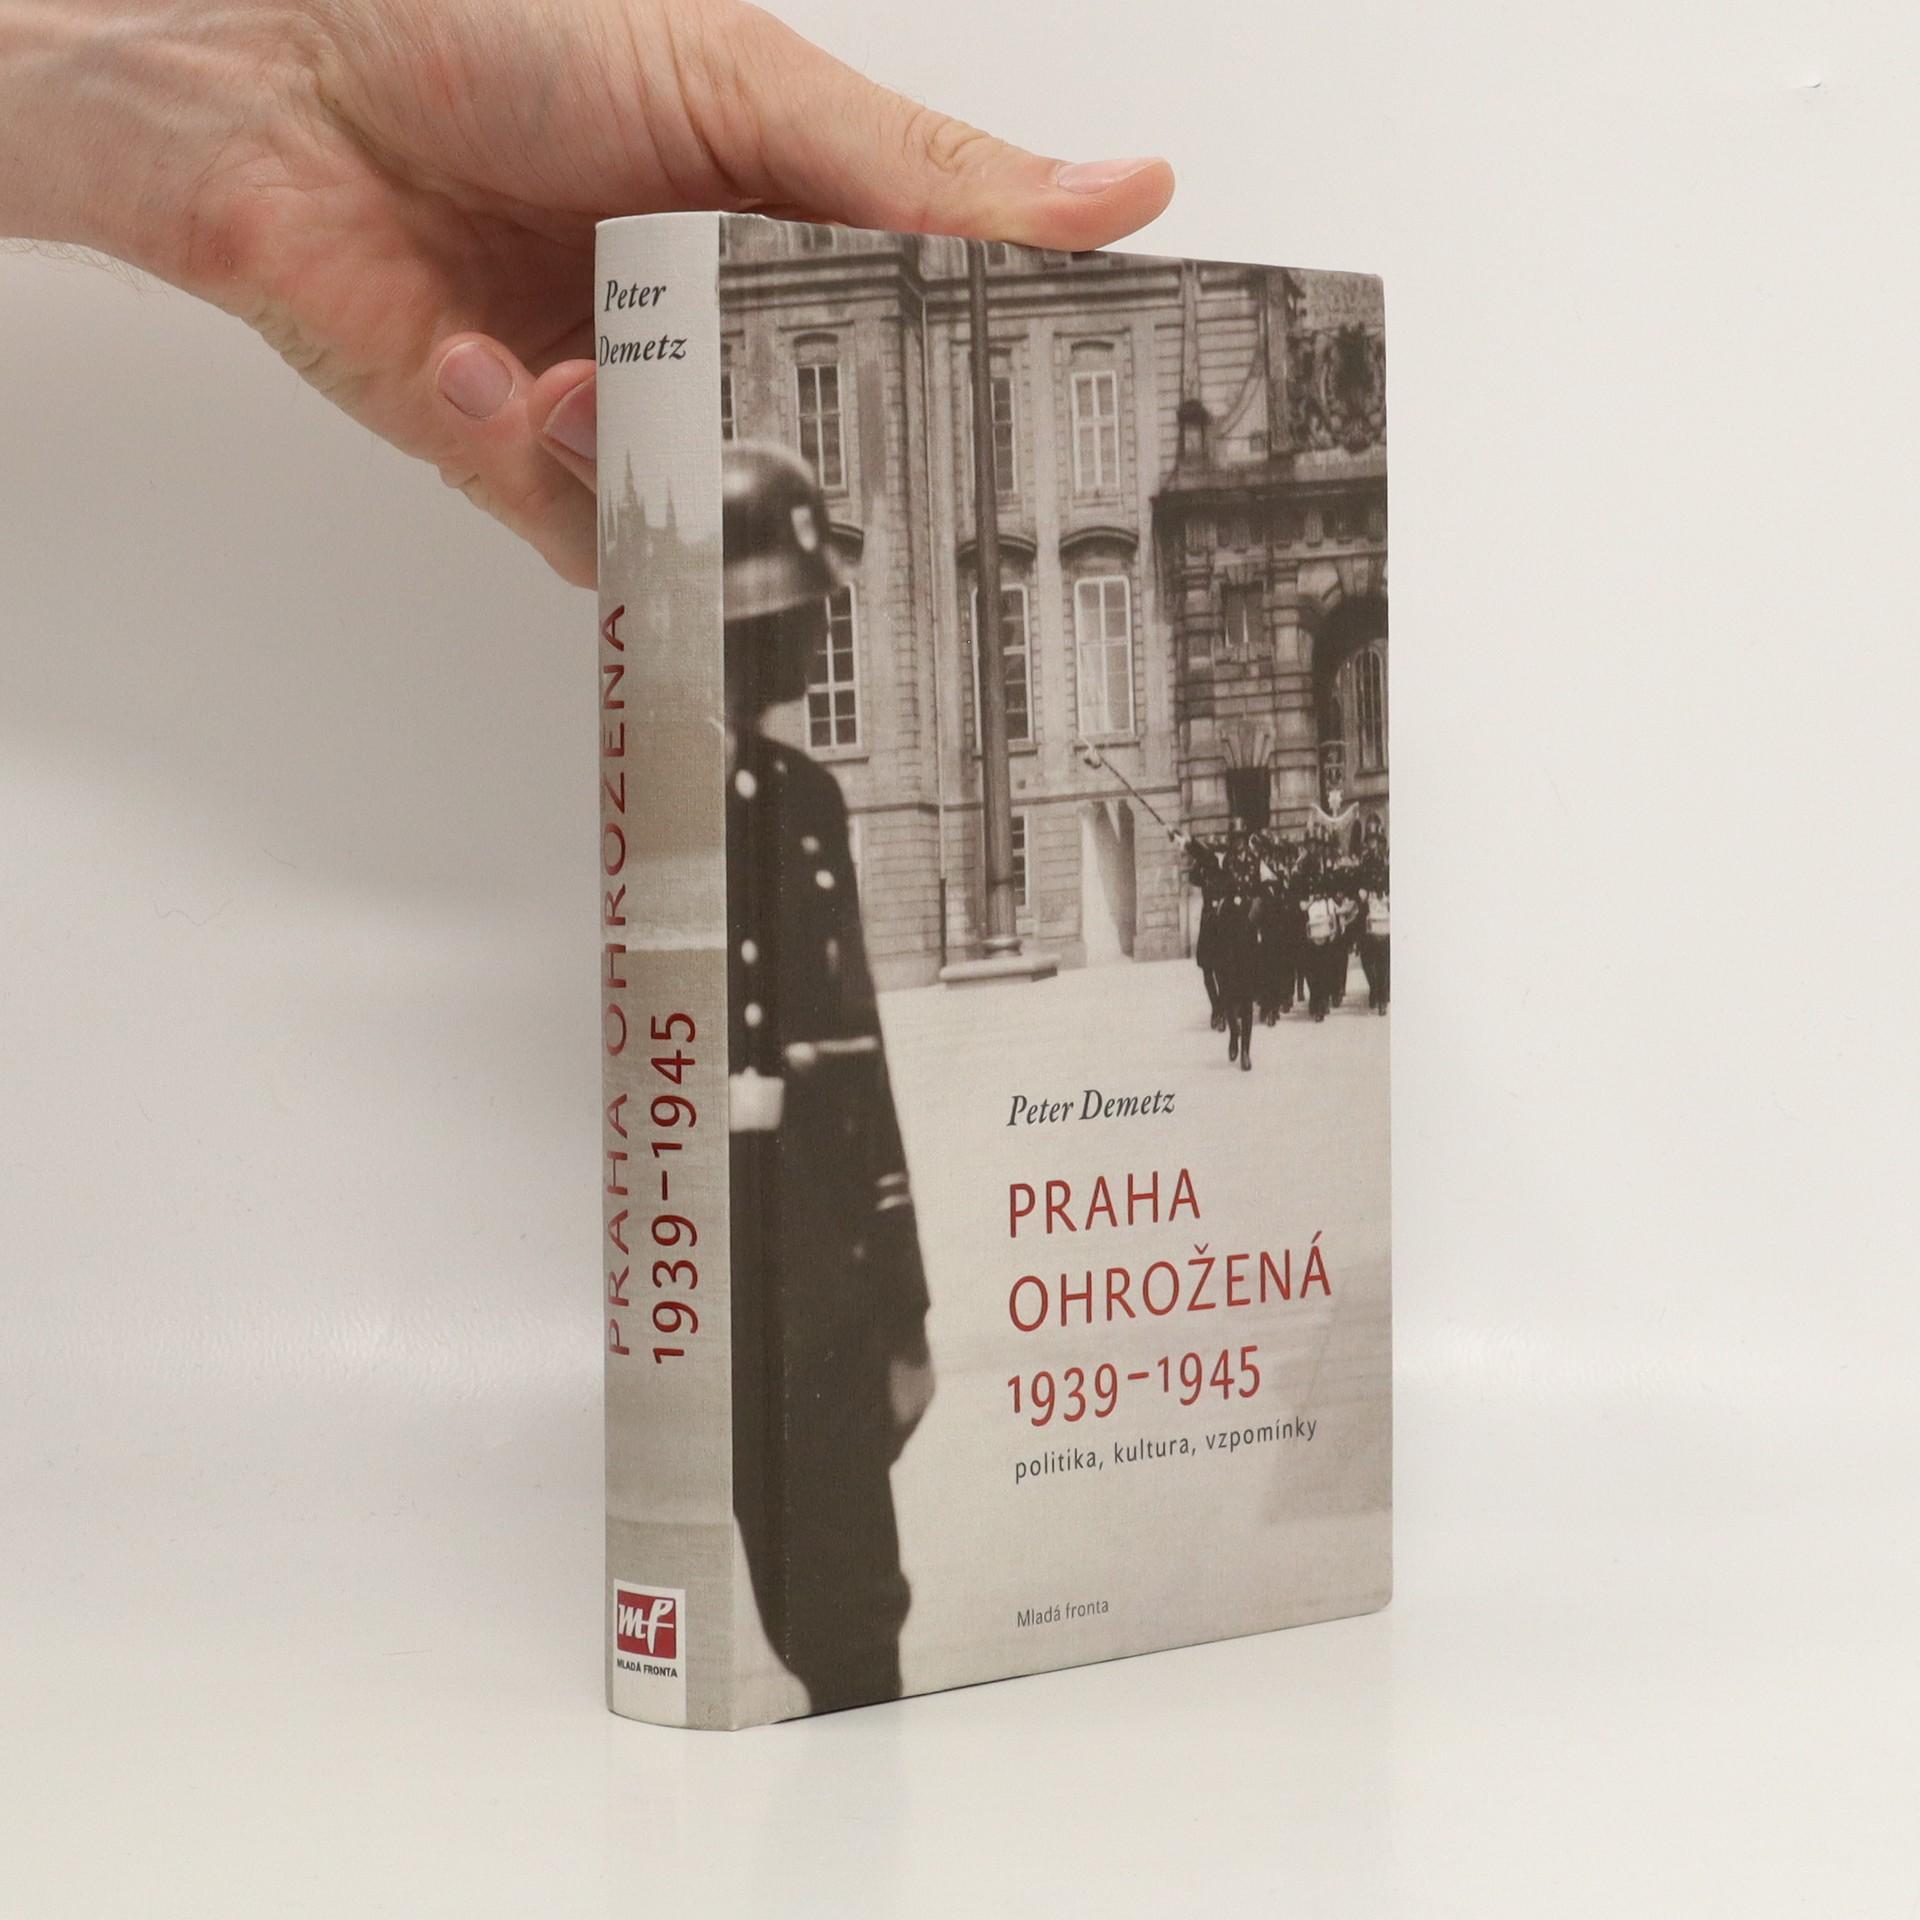 antikvární kniha Praha ohrožená 1939-1945 : politika, kultura, vzpomínky, 2010